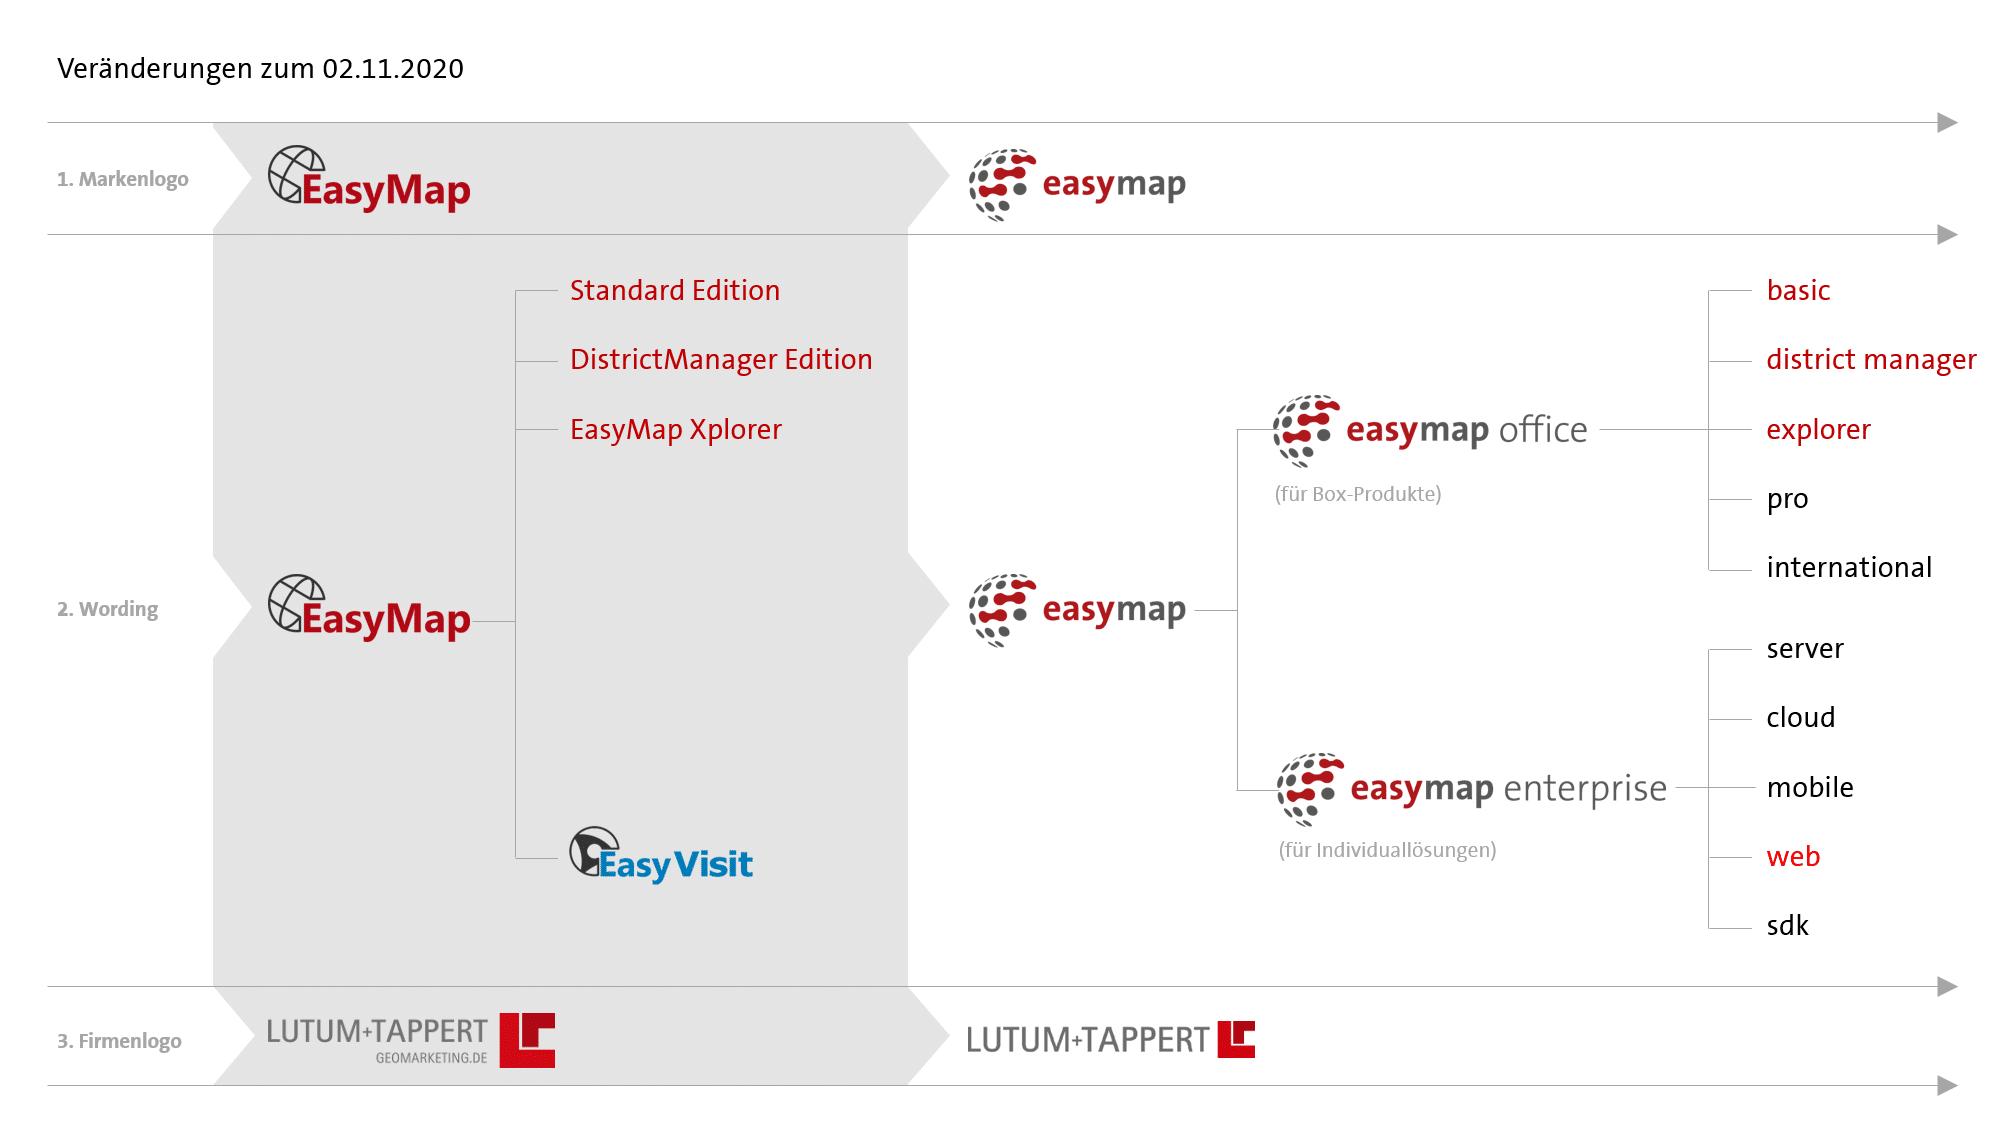 Schematische Darstellung der Veränderungen von easymap zu easymap one